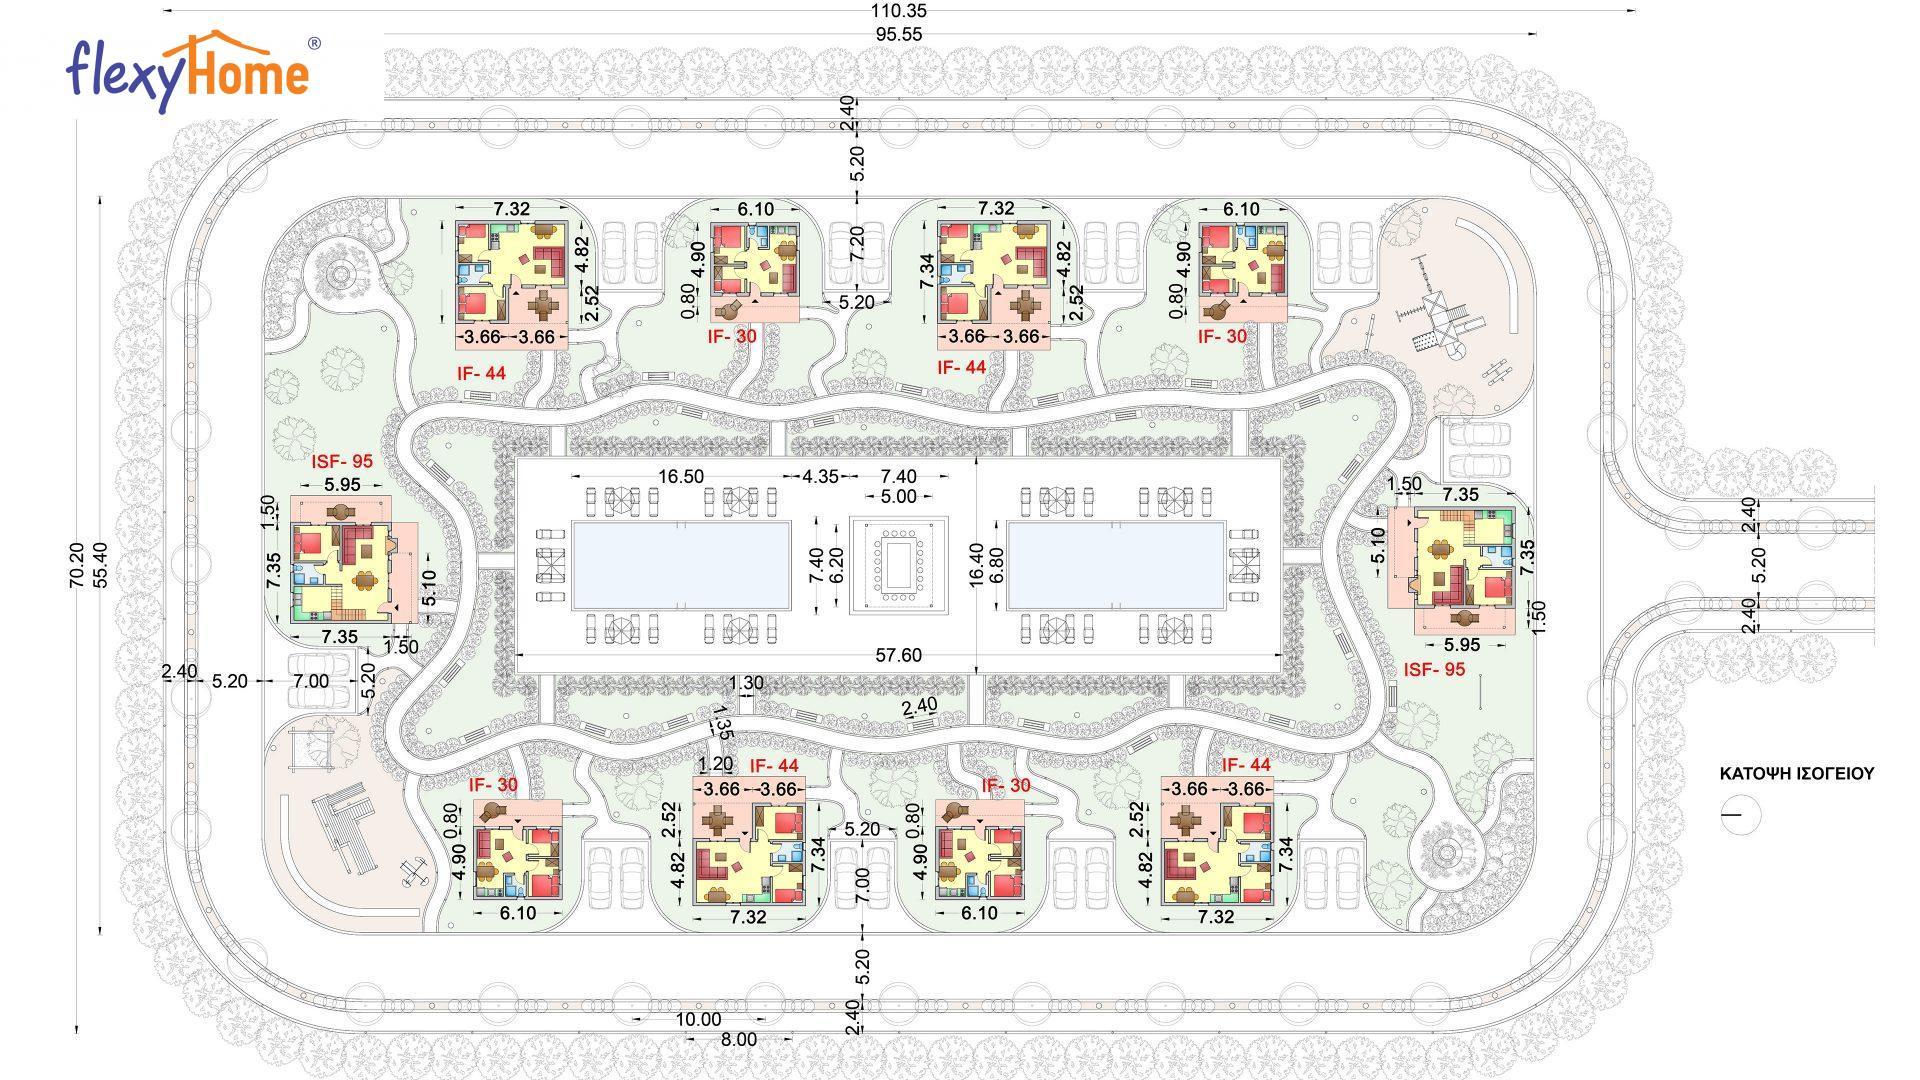 Συγκρότημα κατοικιών Flexyhome Ε-488 ,συνολικής επιφάνειας (4 Χ IF30 =120ΤΜ) + (4Χ IF44 =178τμ) + (2Χ ISF95=190τμ)= 488 τμ, συνολική επιφάνεια στεγασμένων χώρων 73 τμ.